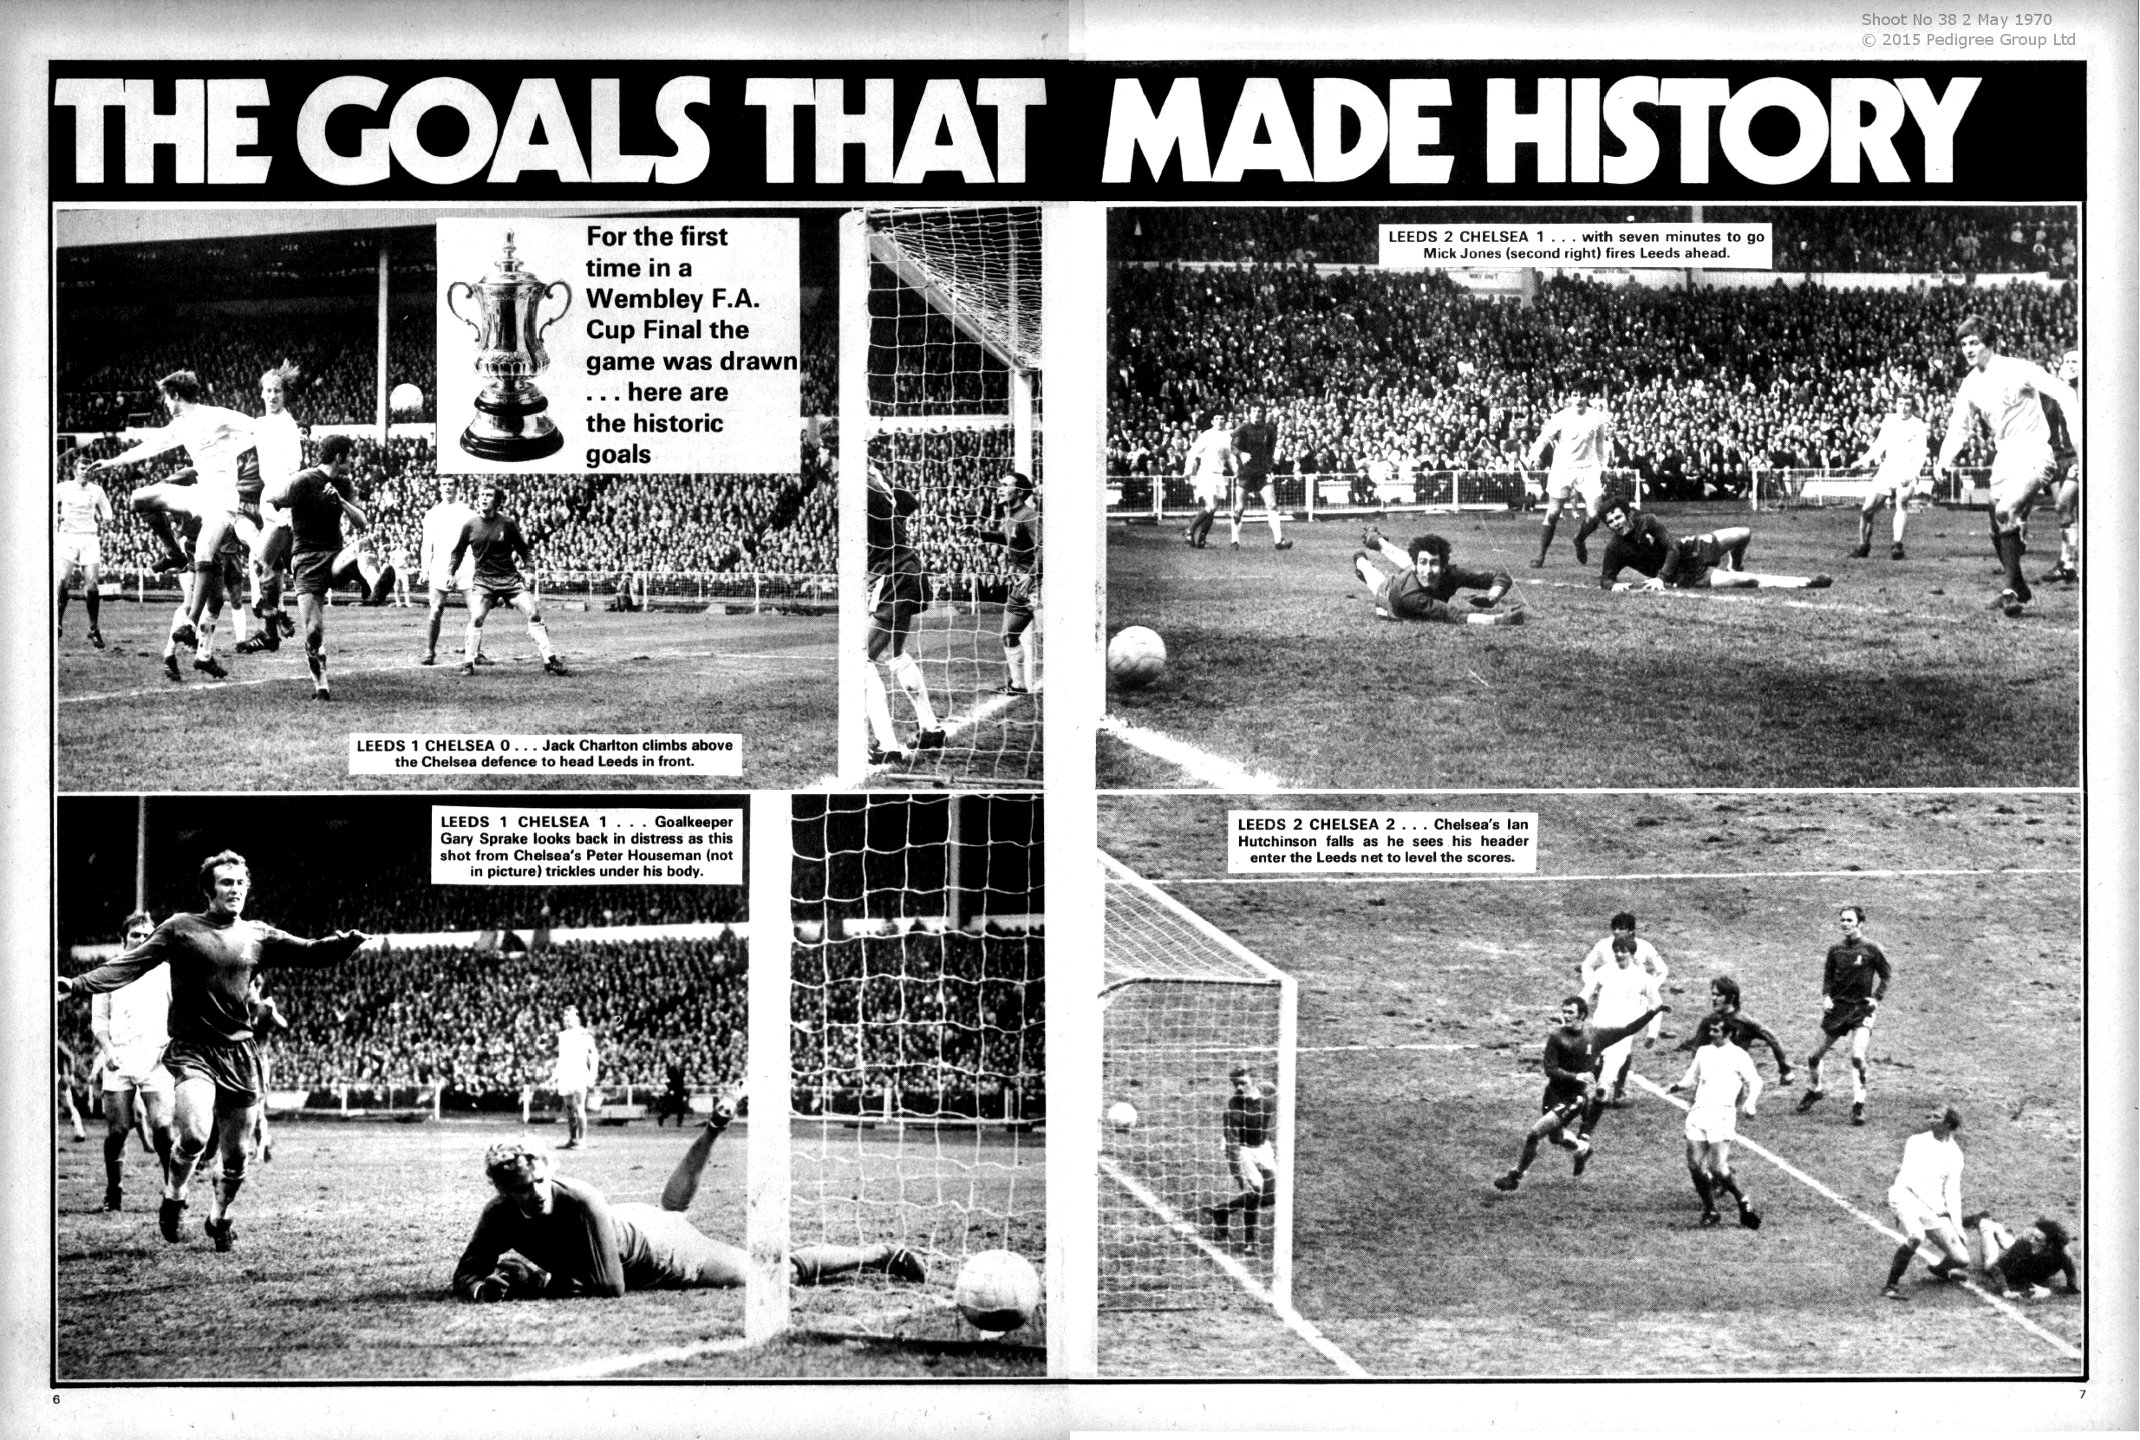 fa cup 1970